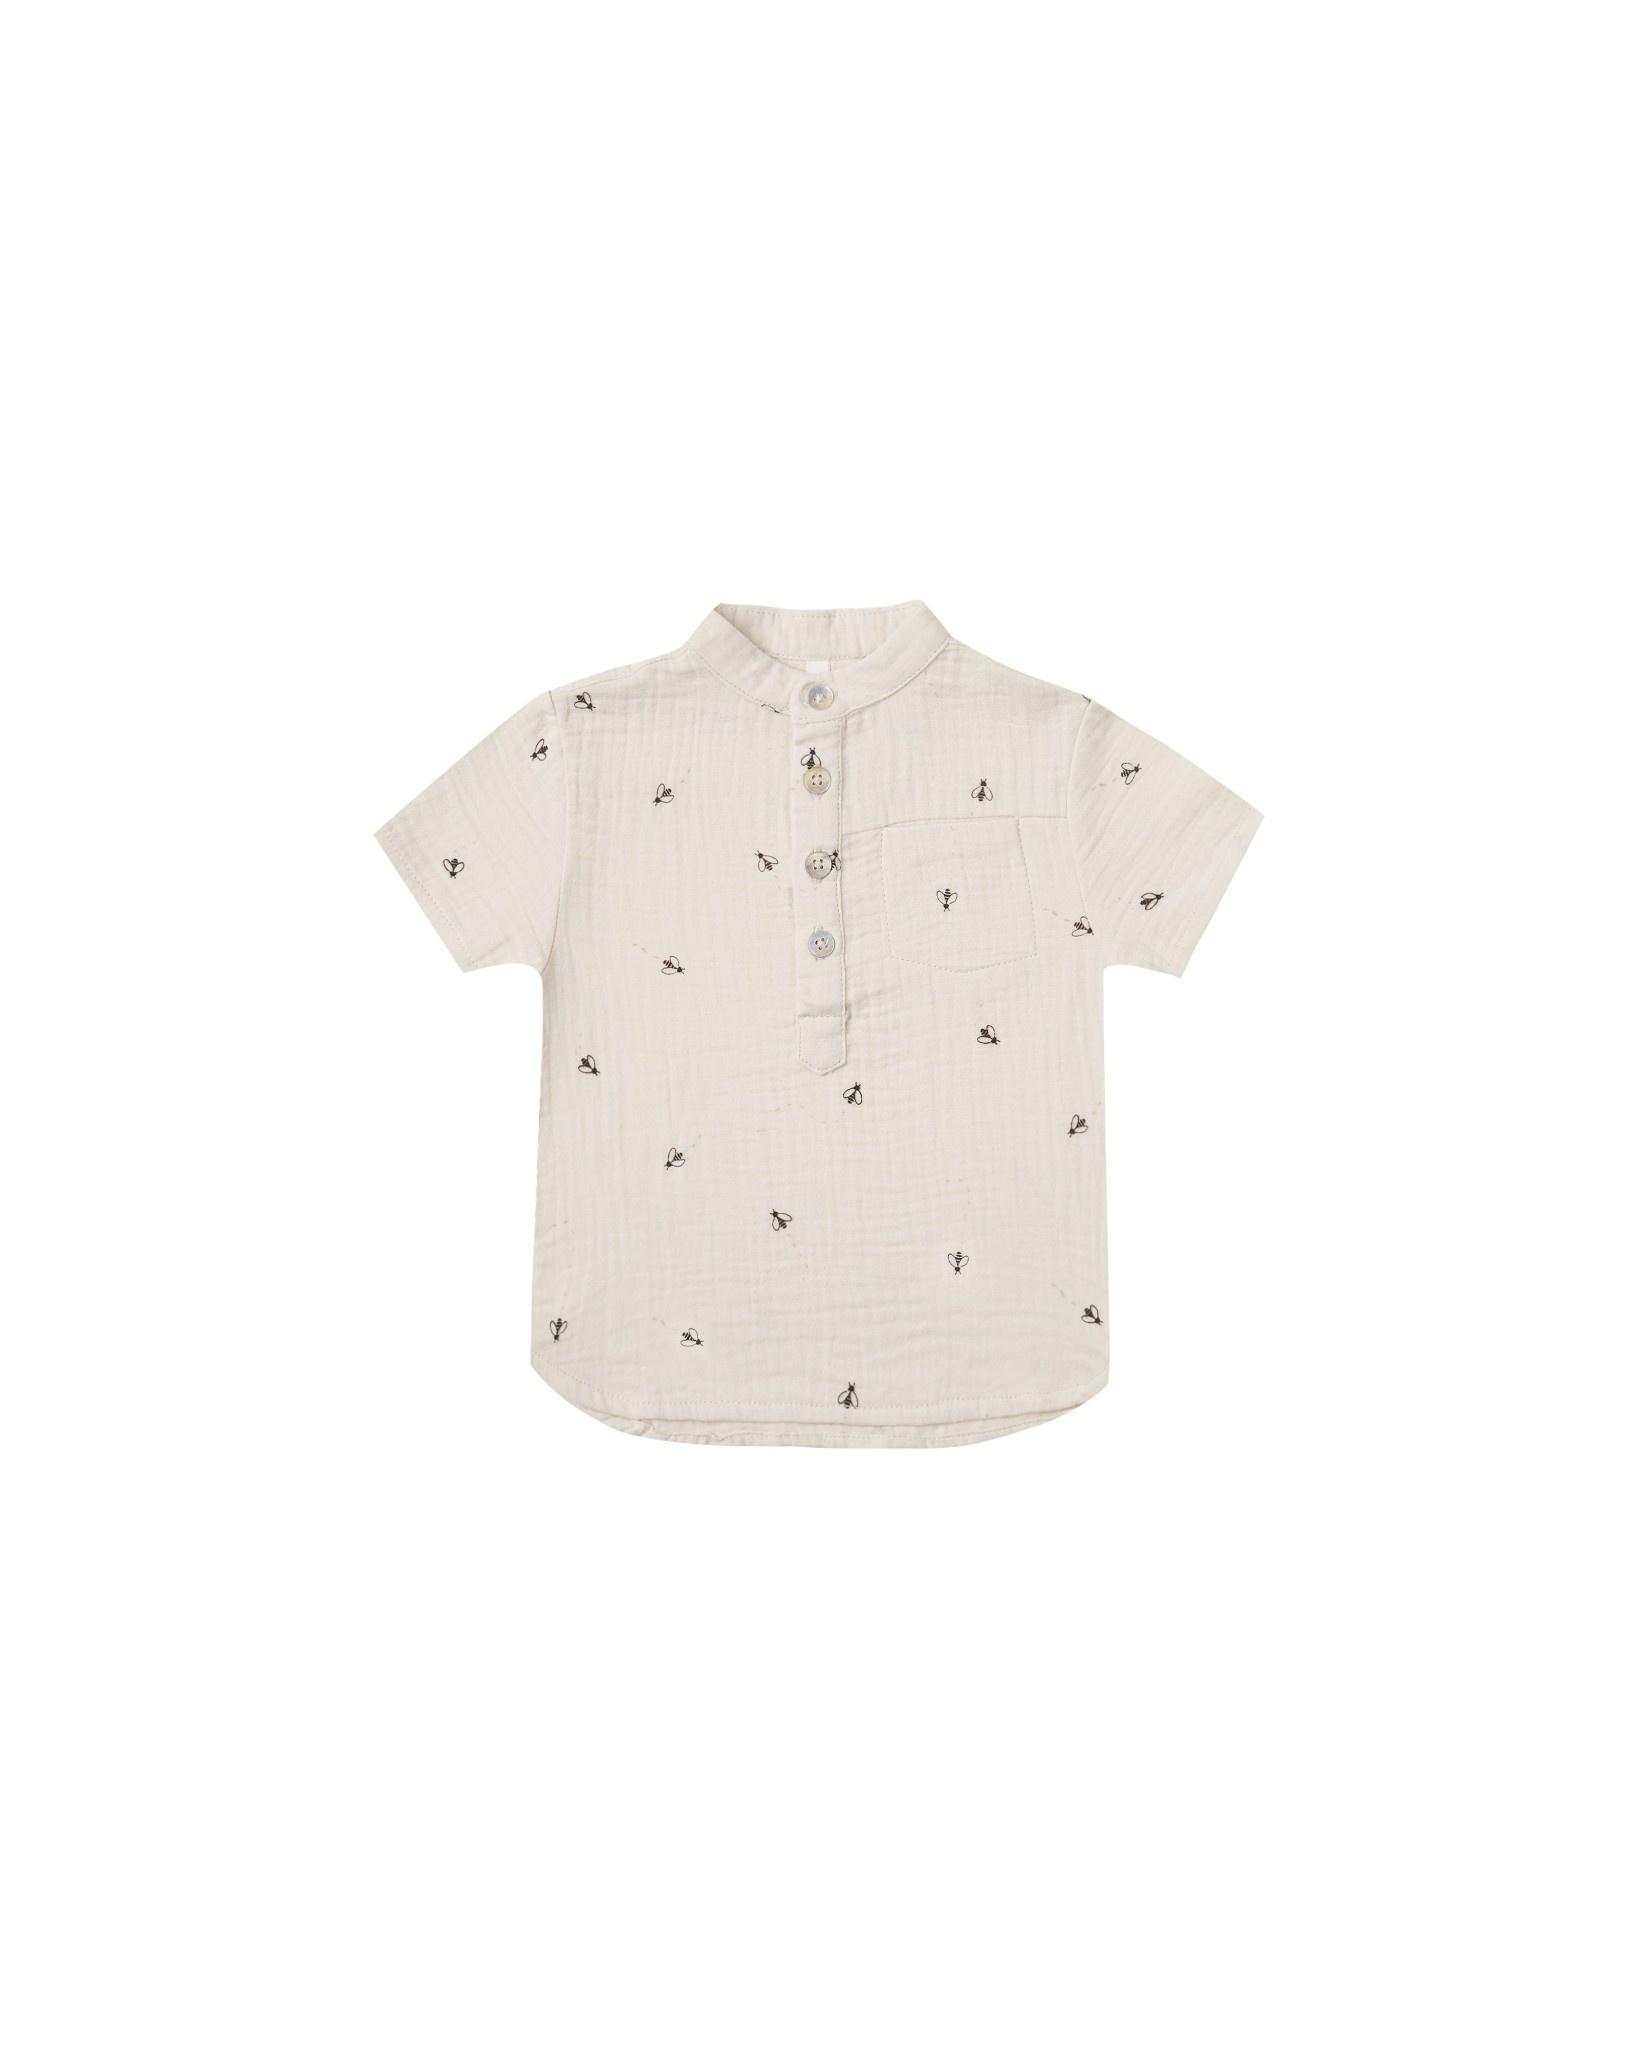 RYLEE AND CRU Bees Short Sleeve Mason Baby Shirt